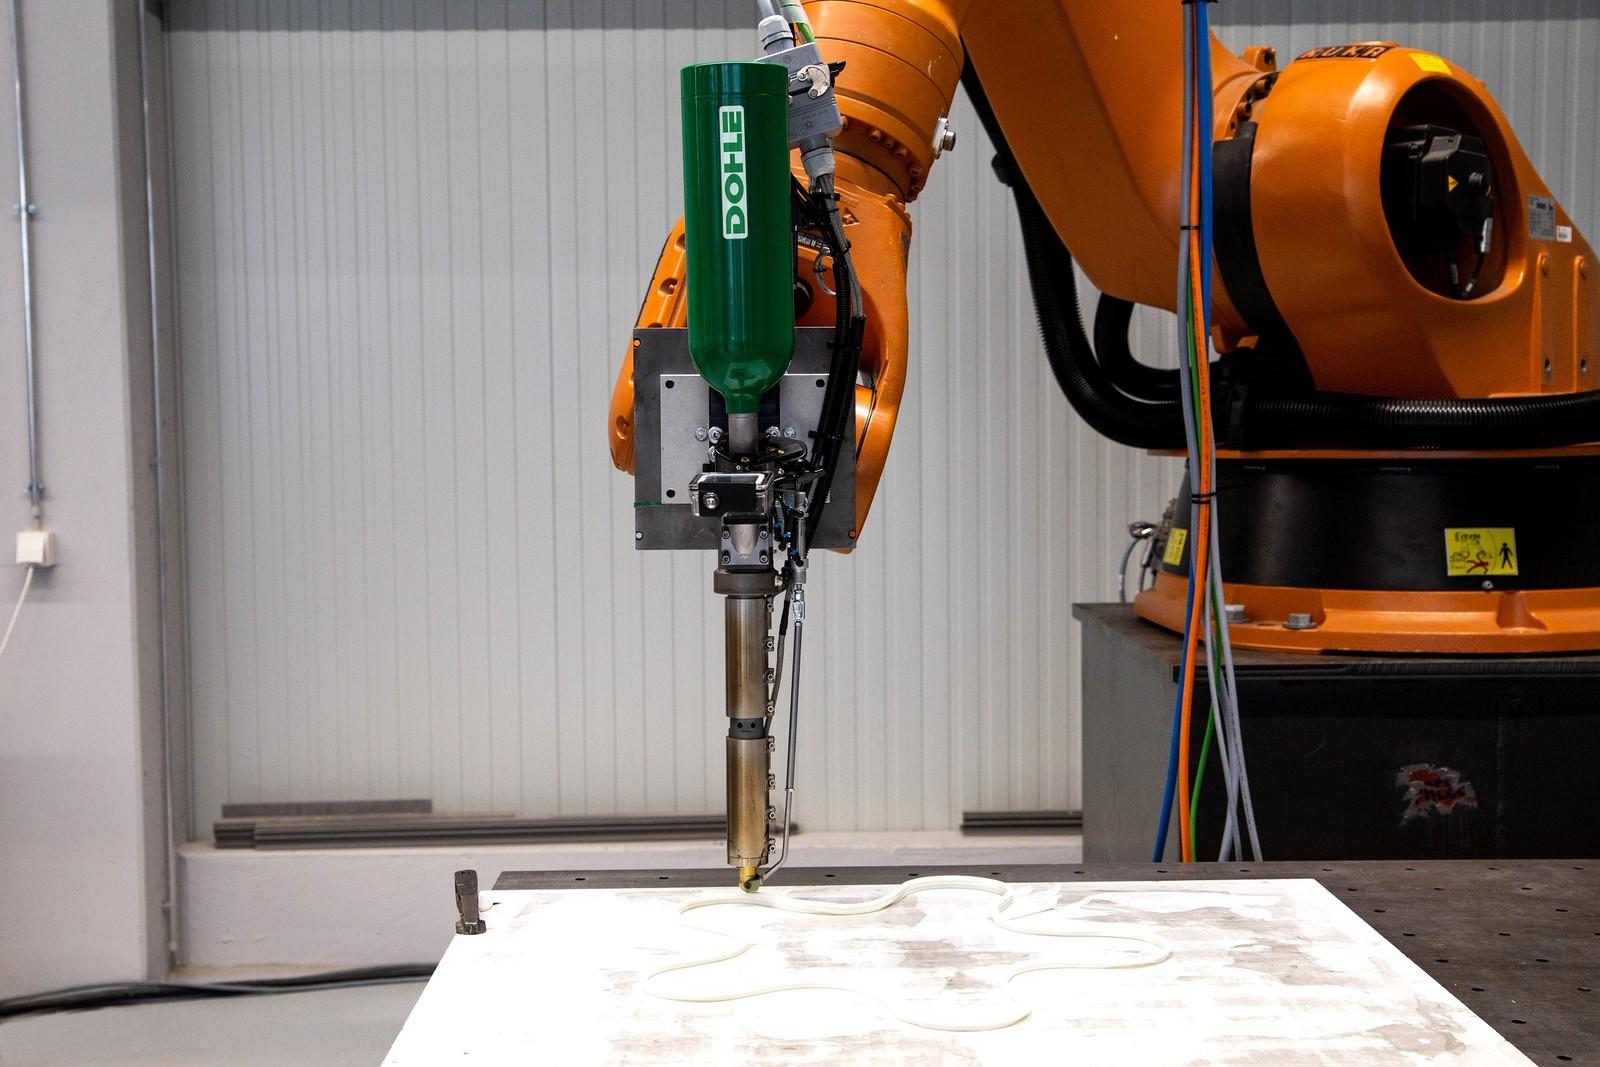 Der Dohle Industrie-Extruder Ex On 10 Robot dient nicht nur dem Einsatz in der Fügetechnik, sondern auch als Werkzeug für die Additive Fertigung.